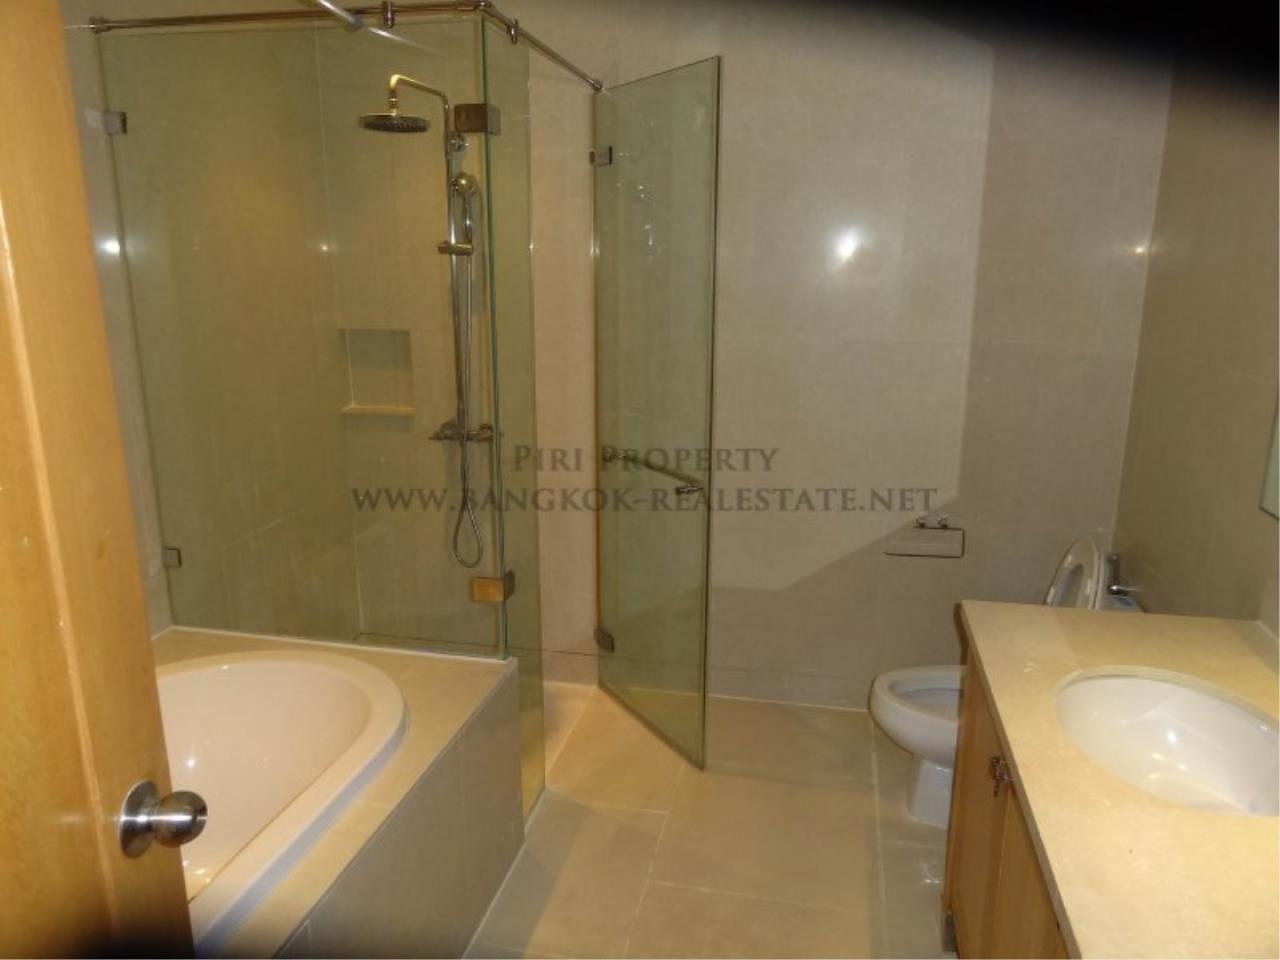 Piri Property Agency's Duplex Condo in the Emporio Place Condominium - Phrom Phong 11